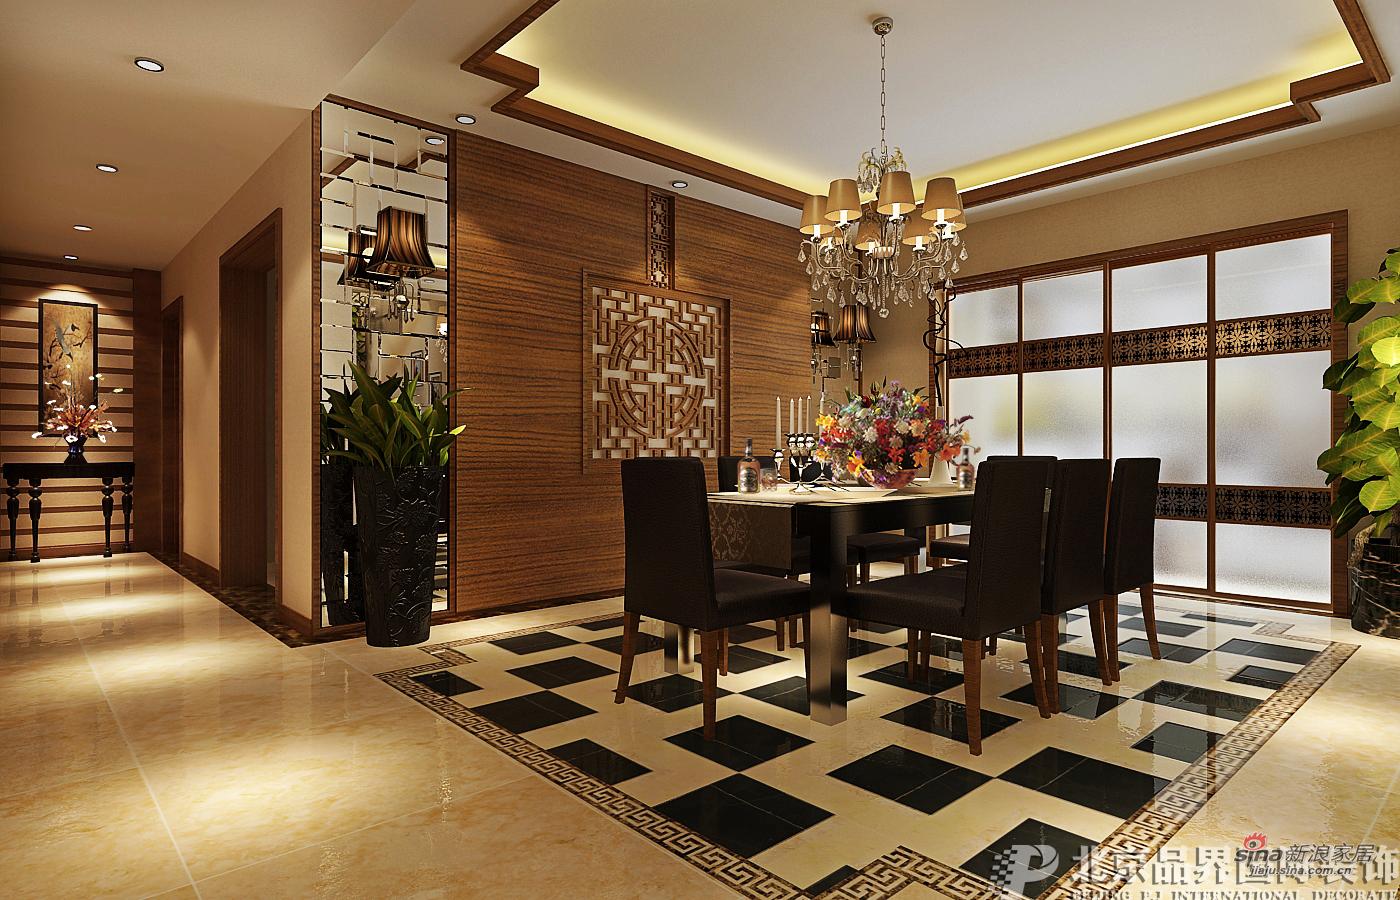 简约 复式 餐厅图片来自用户2556216825在【高清】阿卡迪亚 复式211平 简约风格94的分享